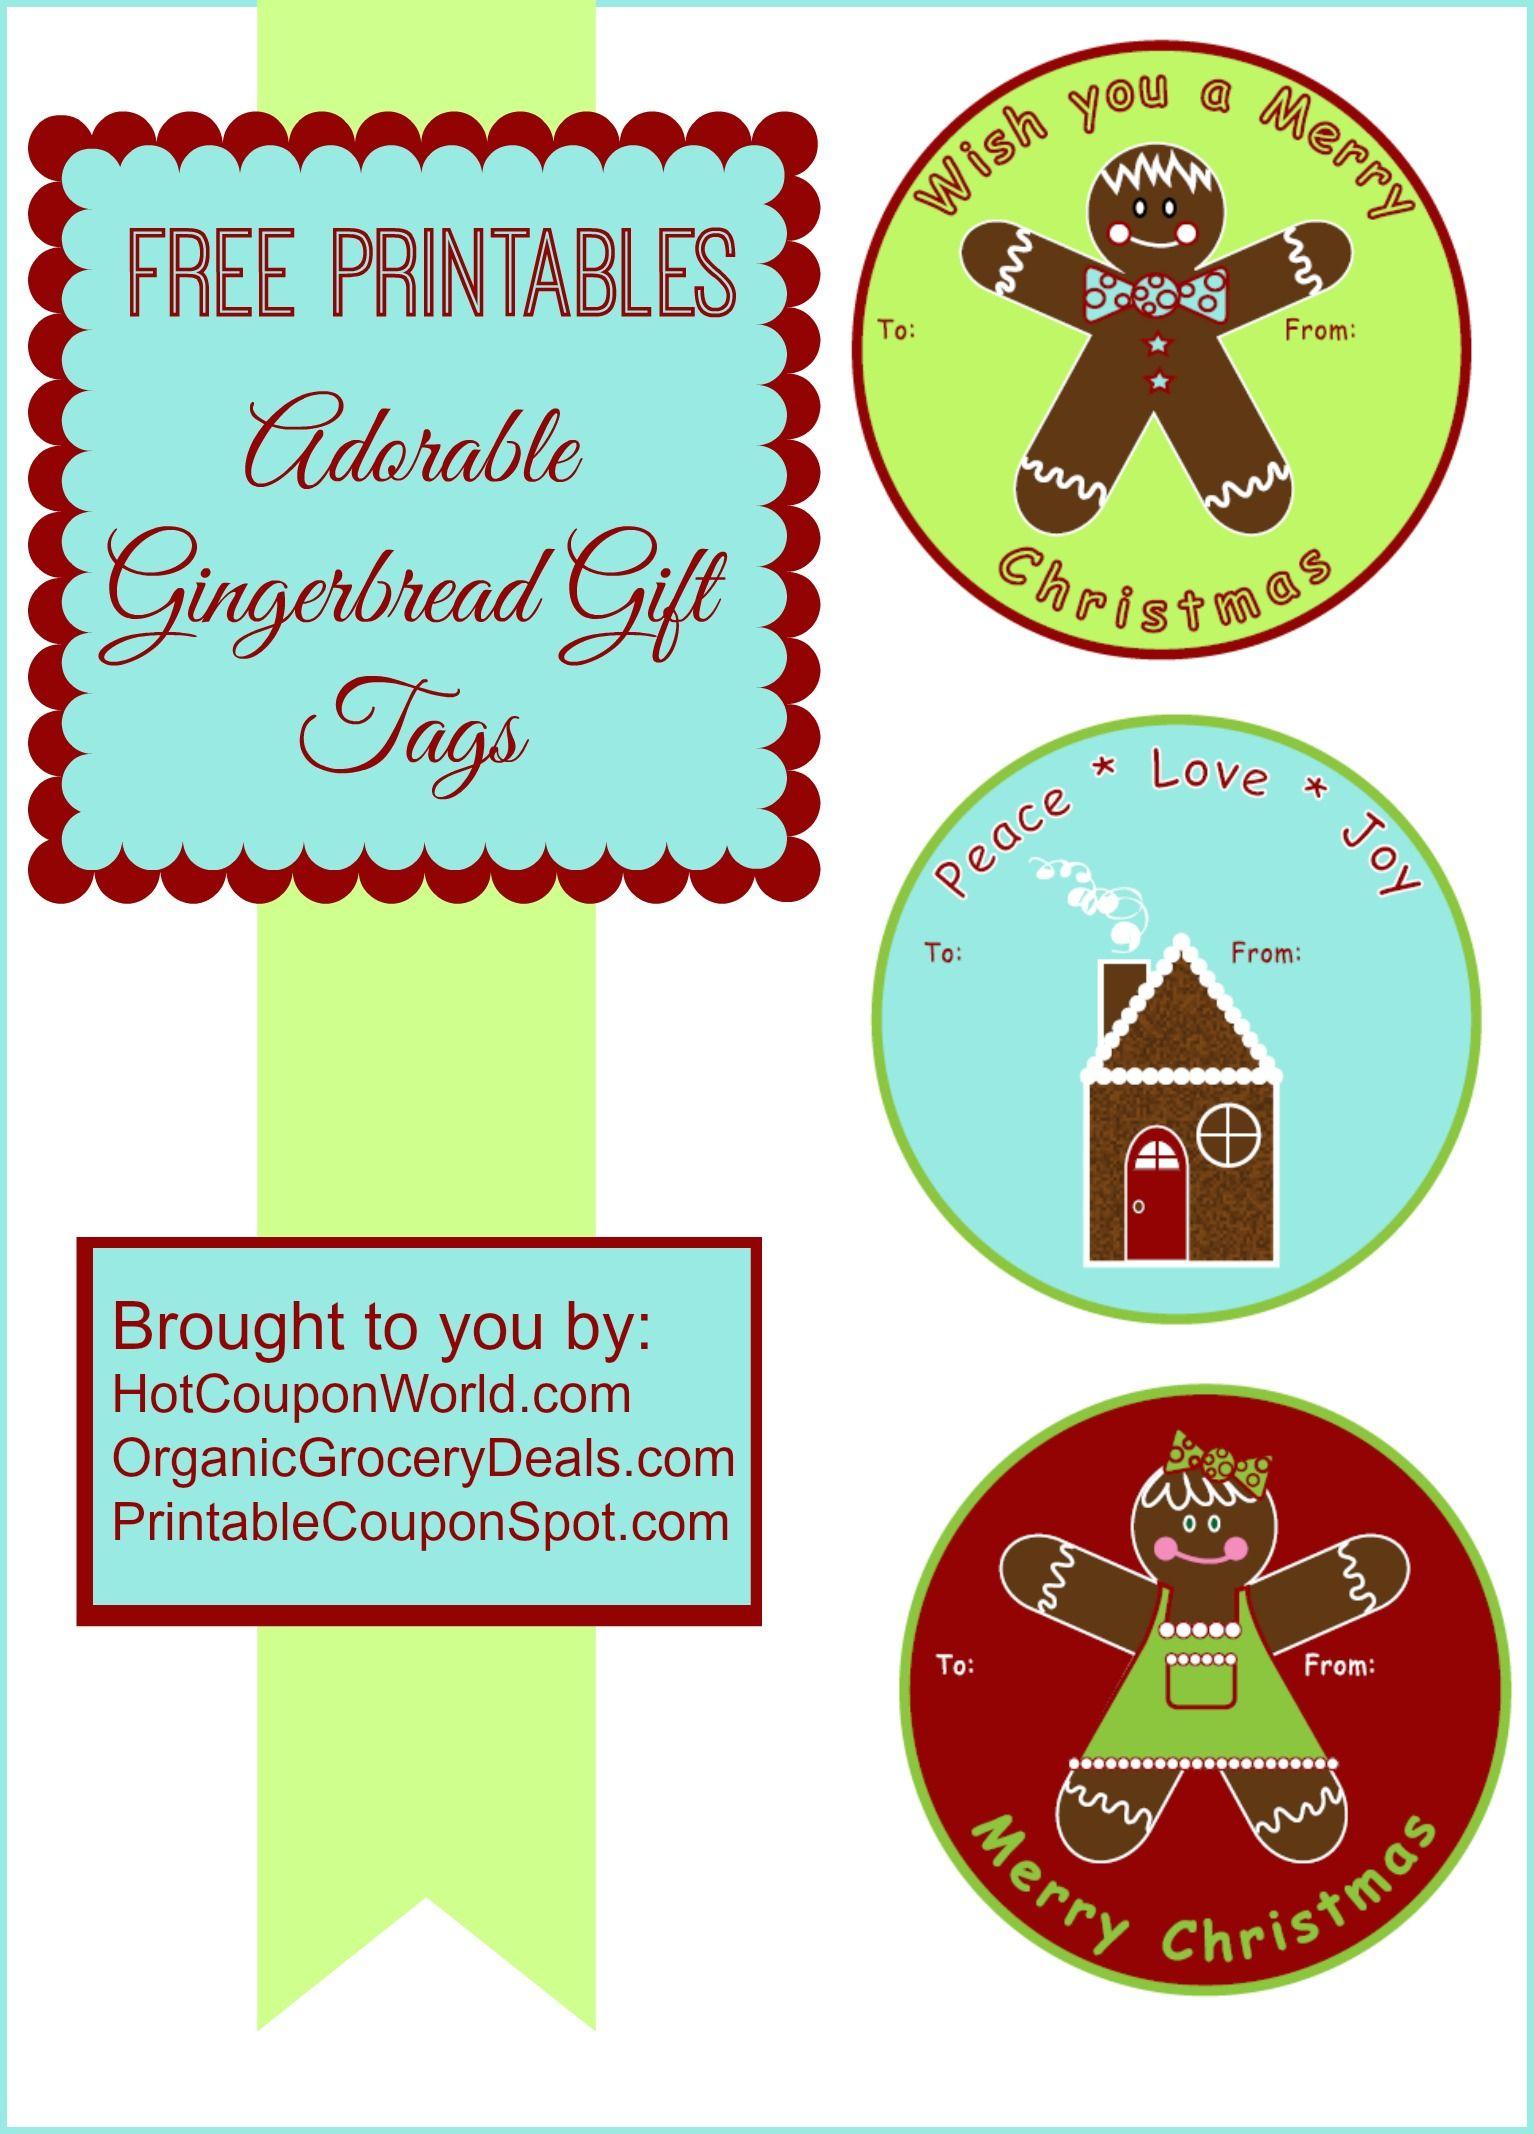 Free Printable: Adorable Gingerbread Gift Tags #Printable #Christmas ...